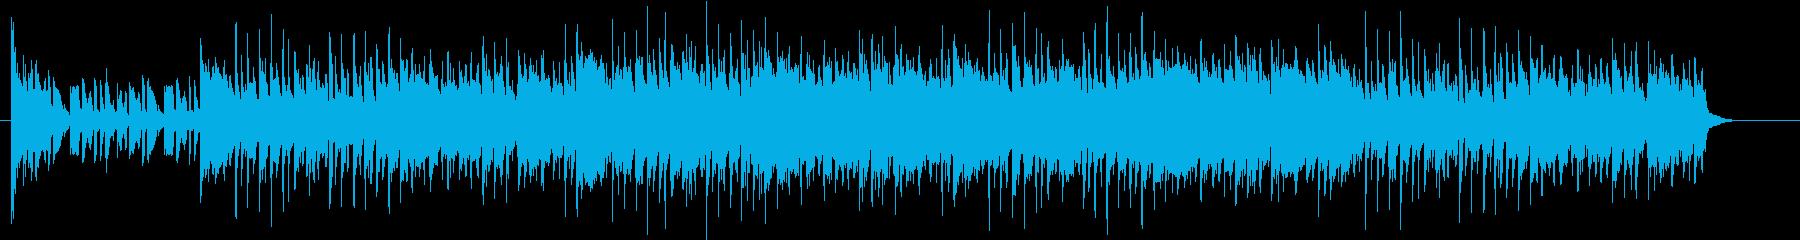 釣り動画で魚の当たりに適した楽曲ですの再生済みの波形